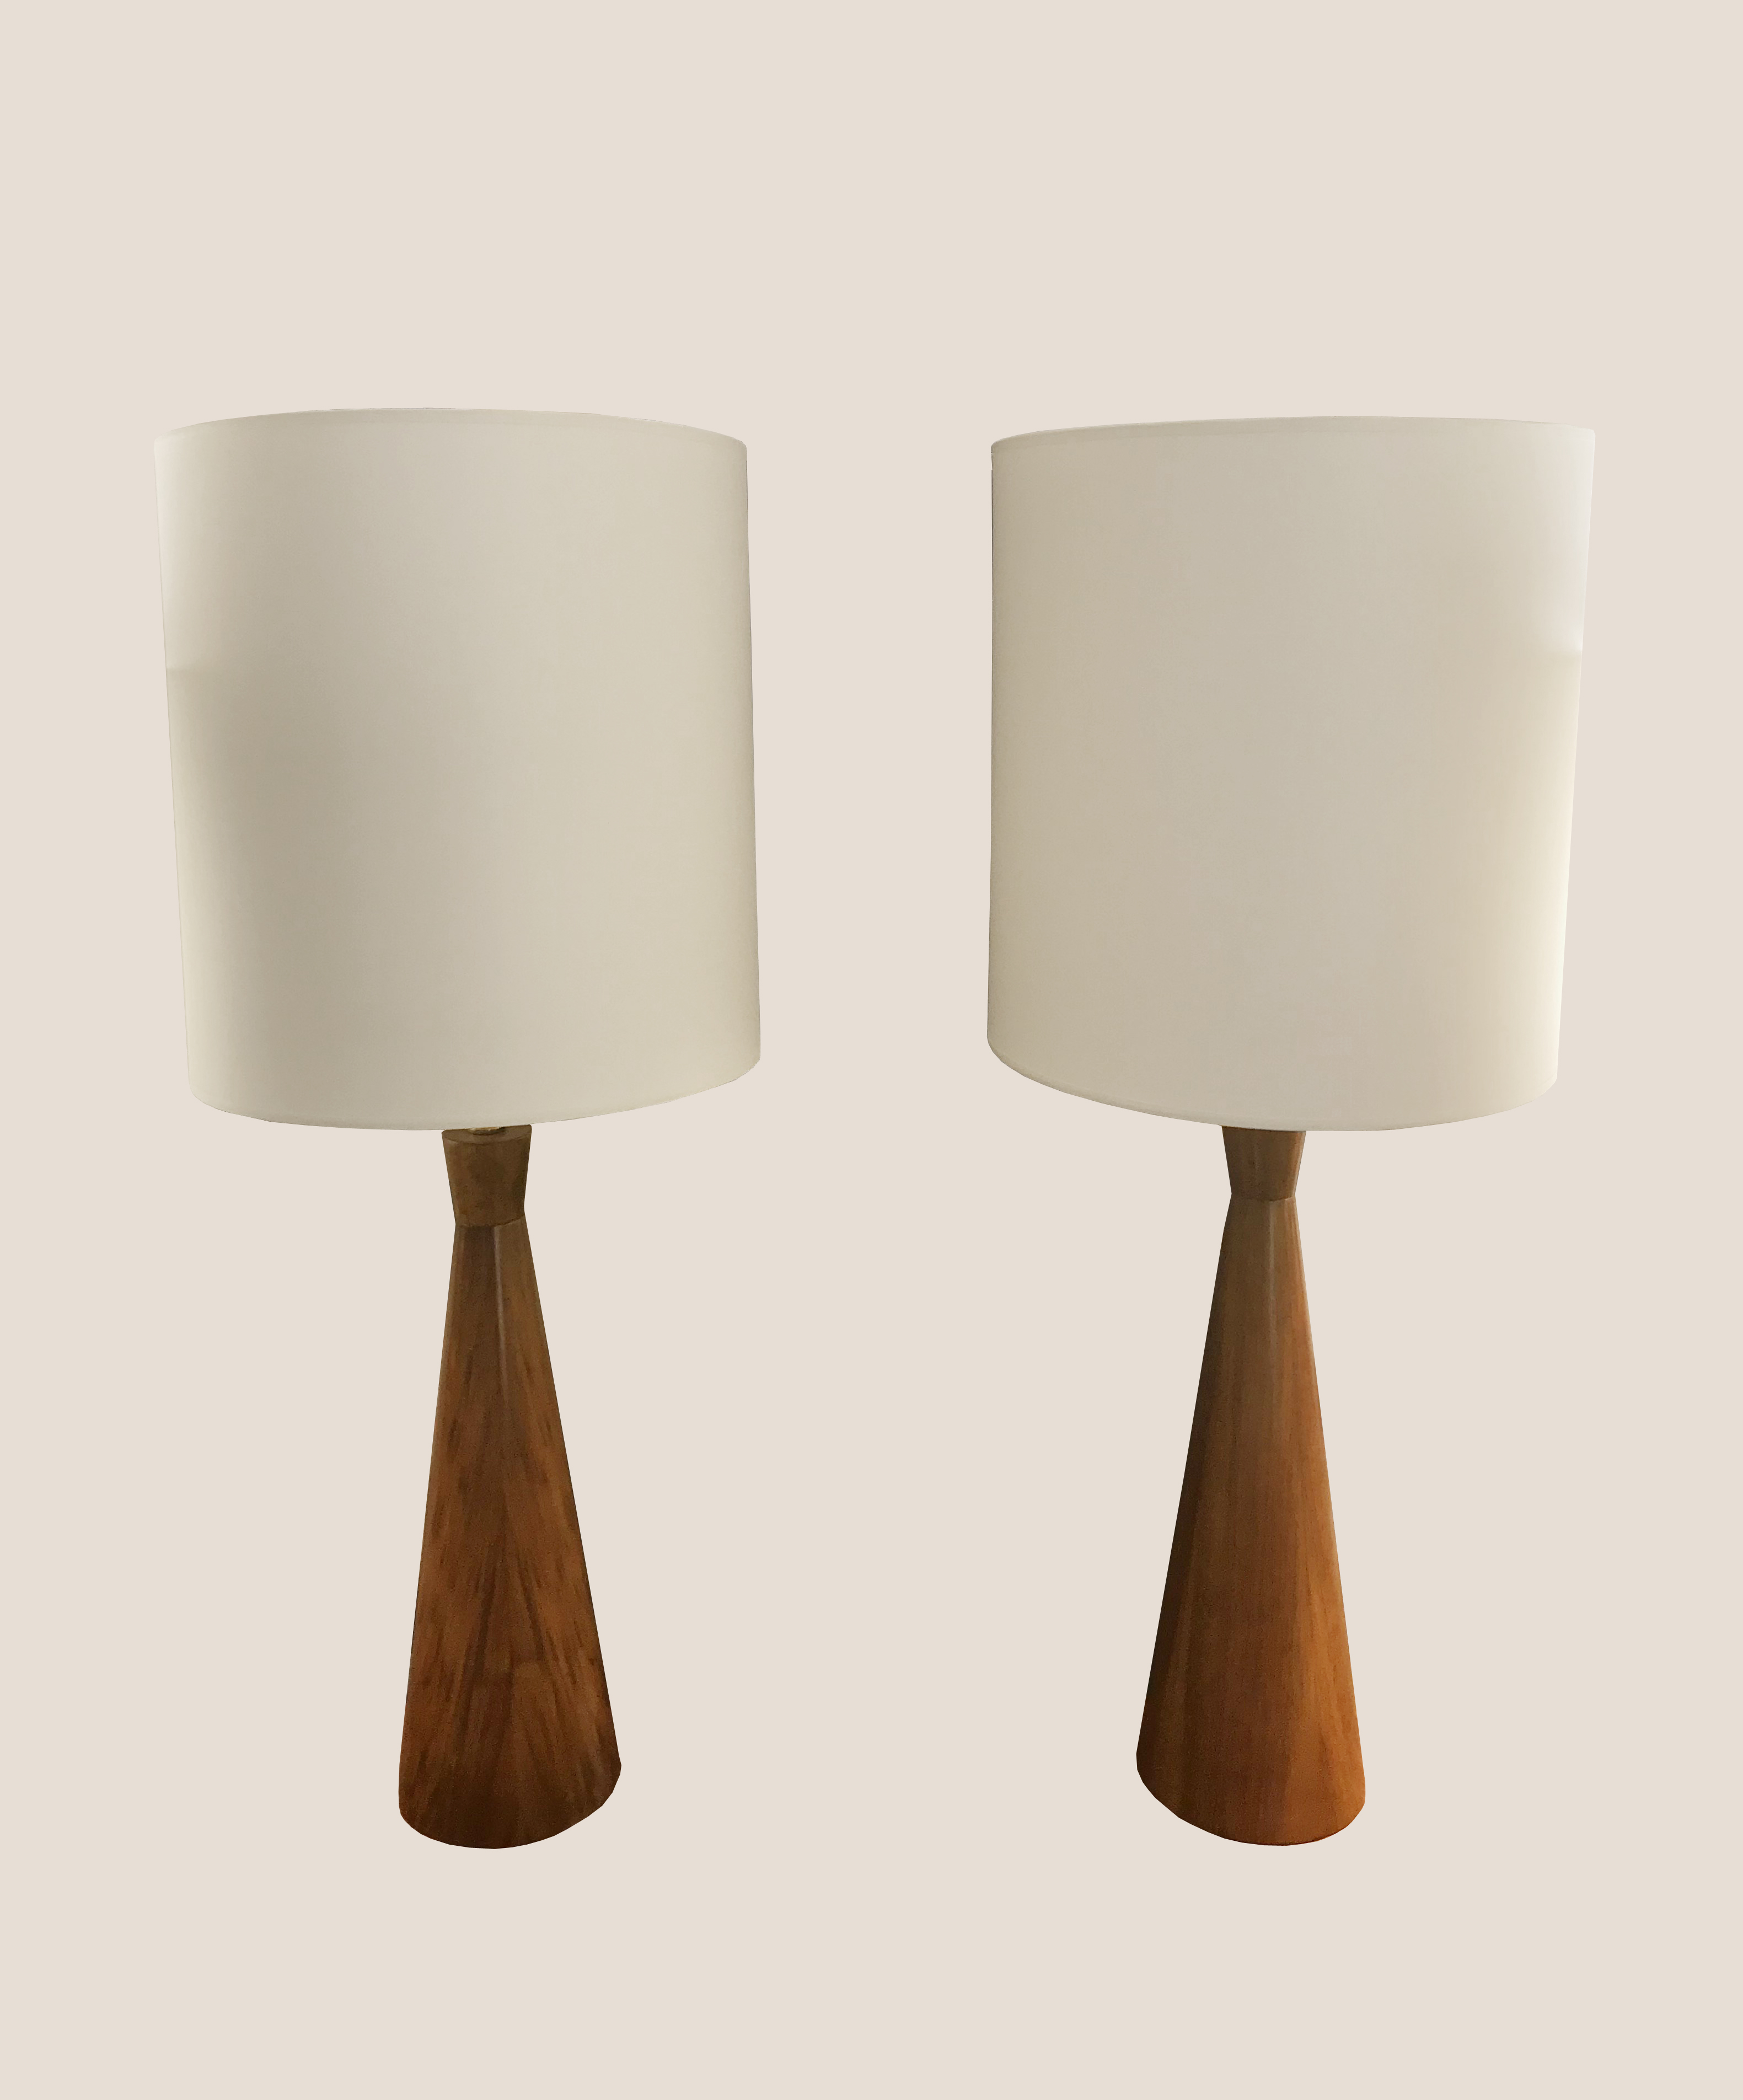 Paire de lampes en bois 4